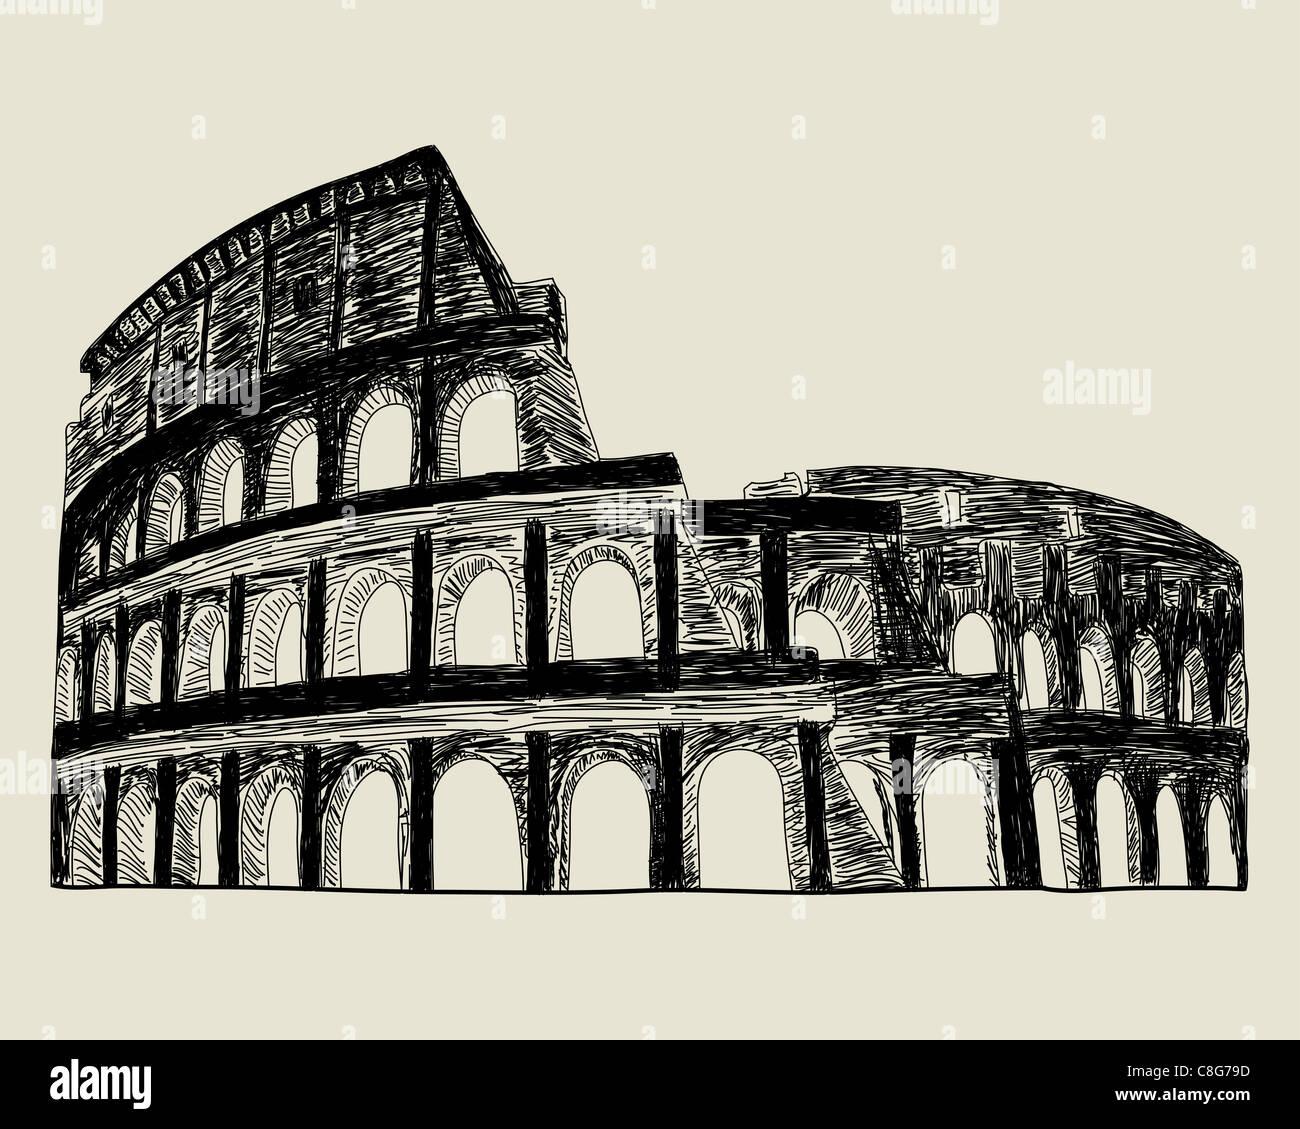 Coliseo Romano Dibujo Vectorial Ilustración Para El Diseño Foto